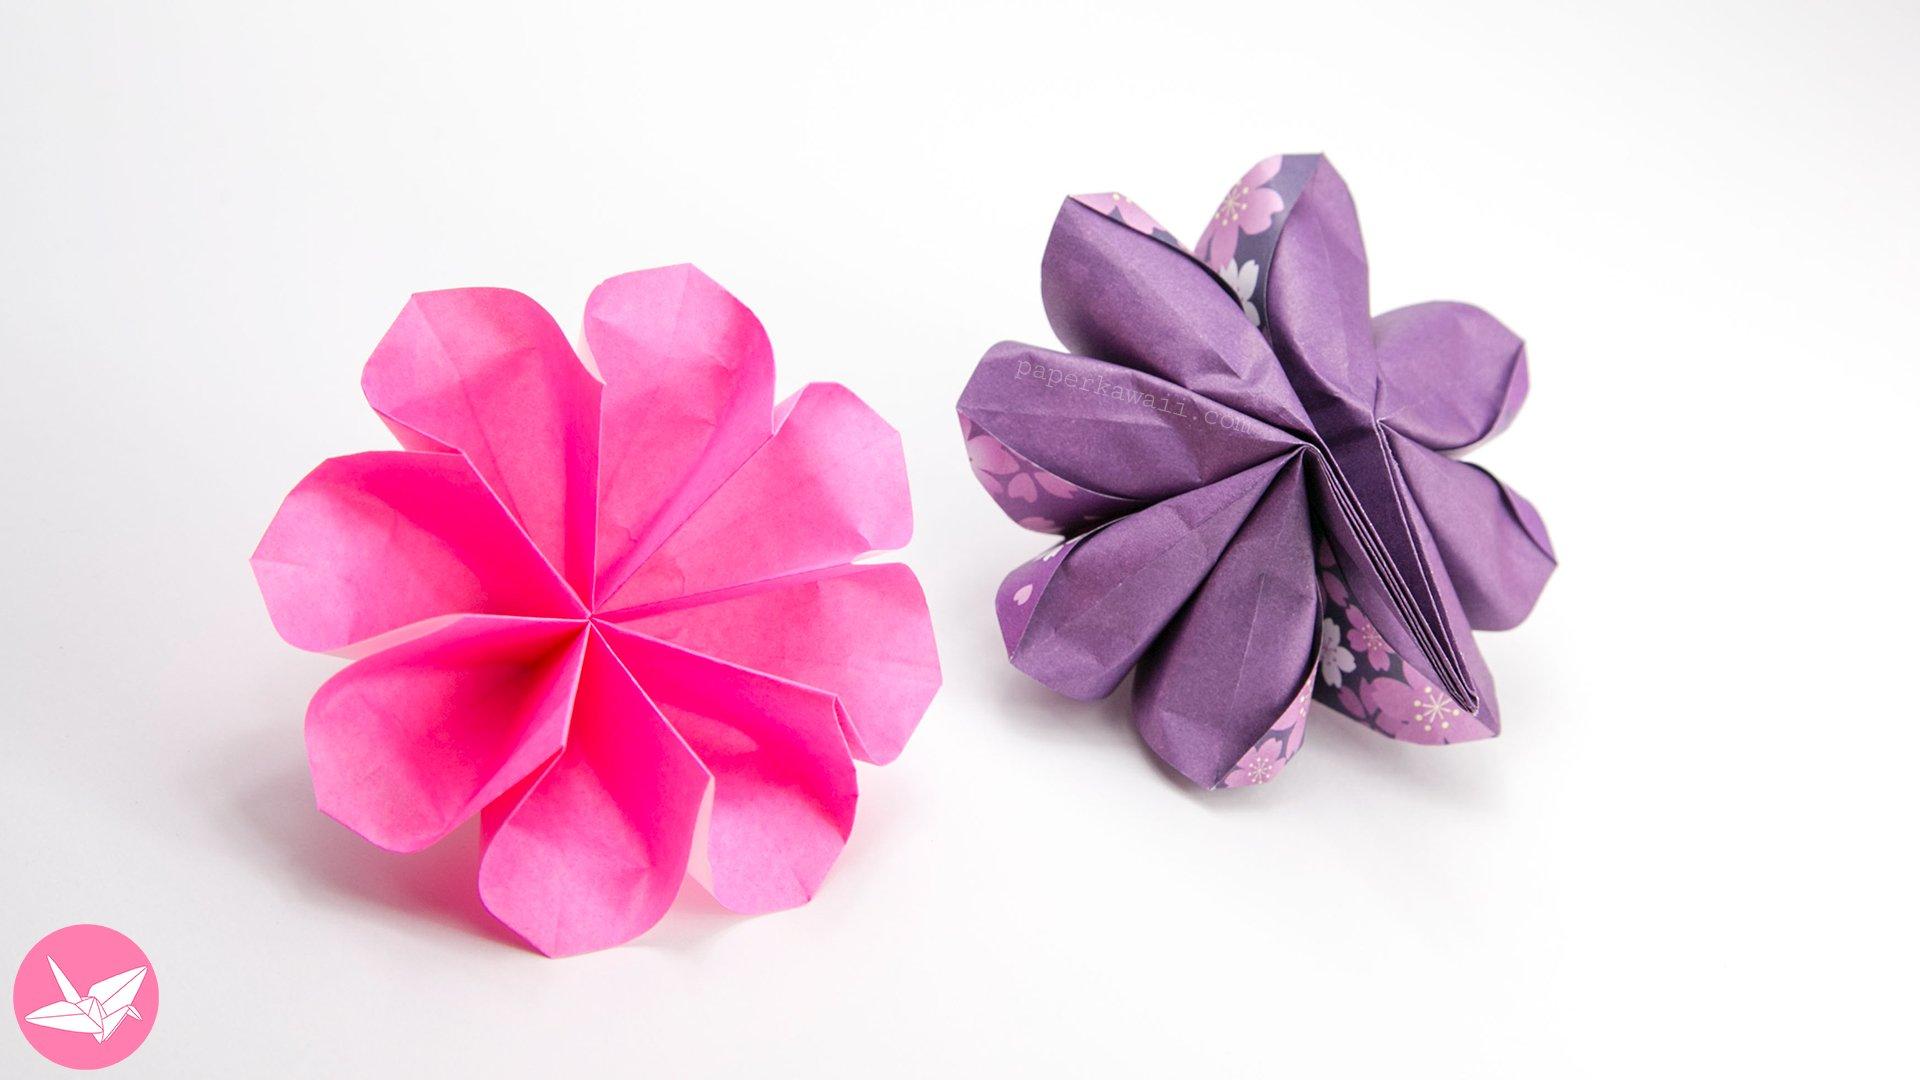 Easy 8 Petal Origami Flower Tutorial via @paper_kawaii